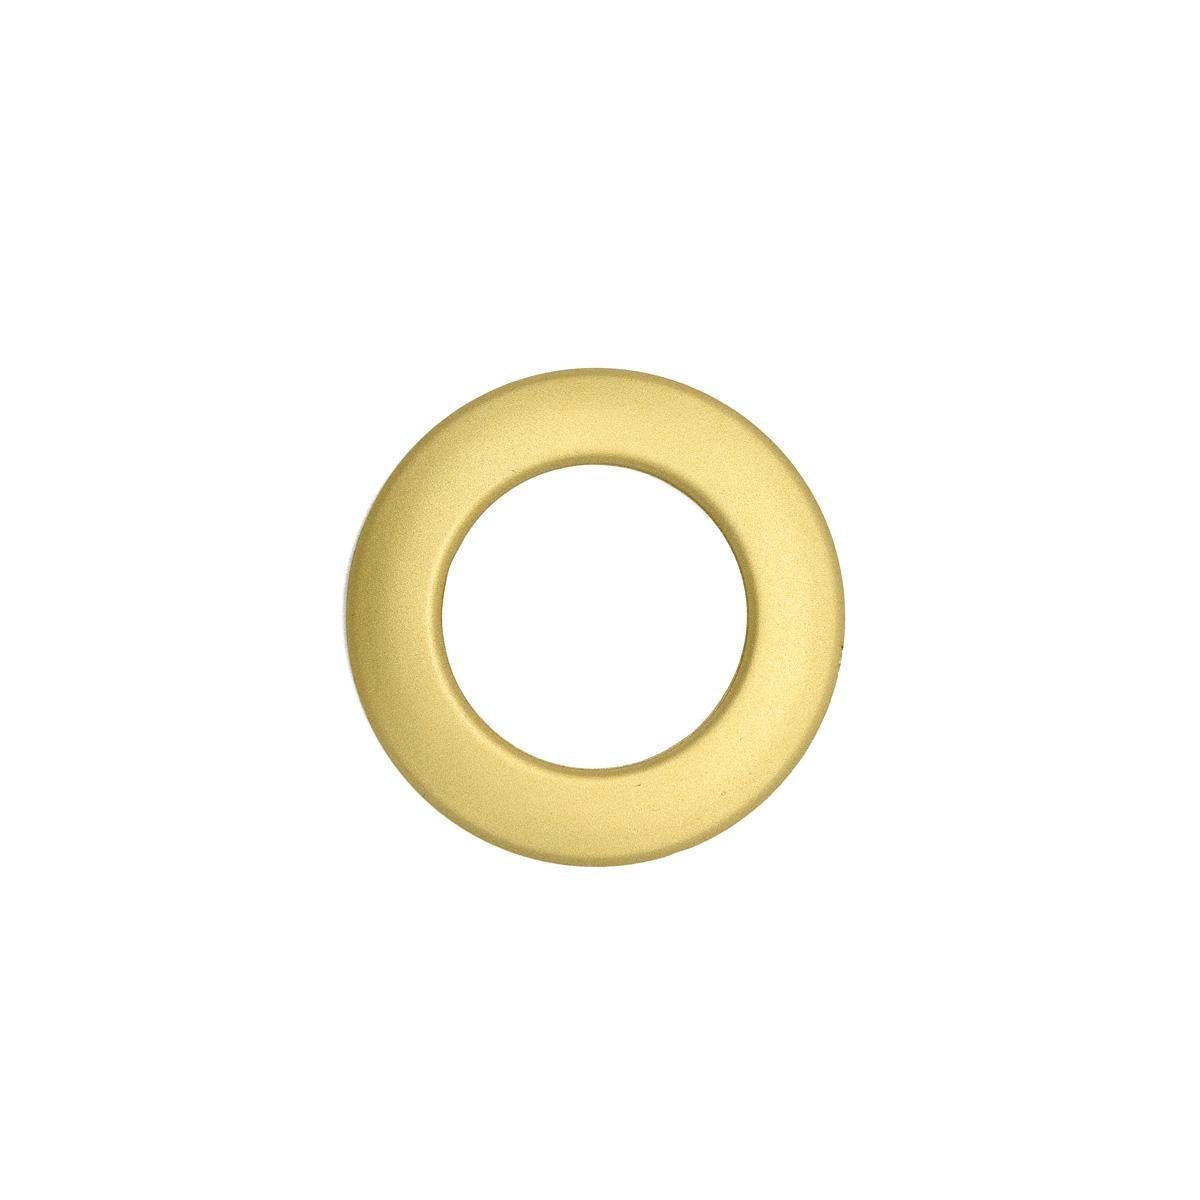 Люверс шторный, d 35 мм, мат. золото (12), упак./10 шт., Belladonna